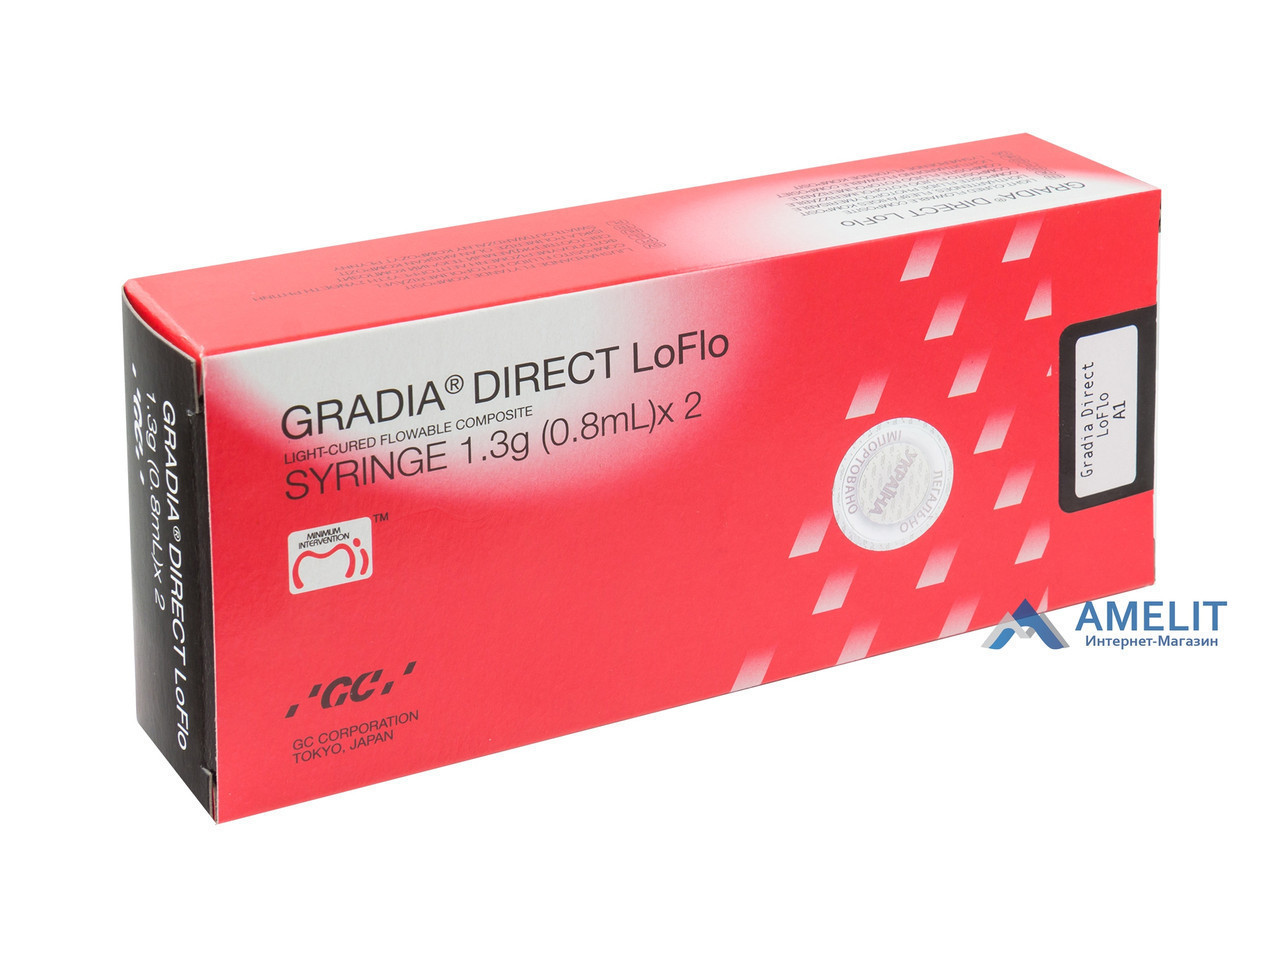 Градиа Дайрект ЛоФлоу BW(Gradia Direct Lo Flo, GC), шприц 1,3г